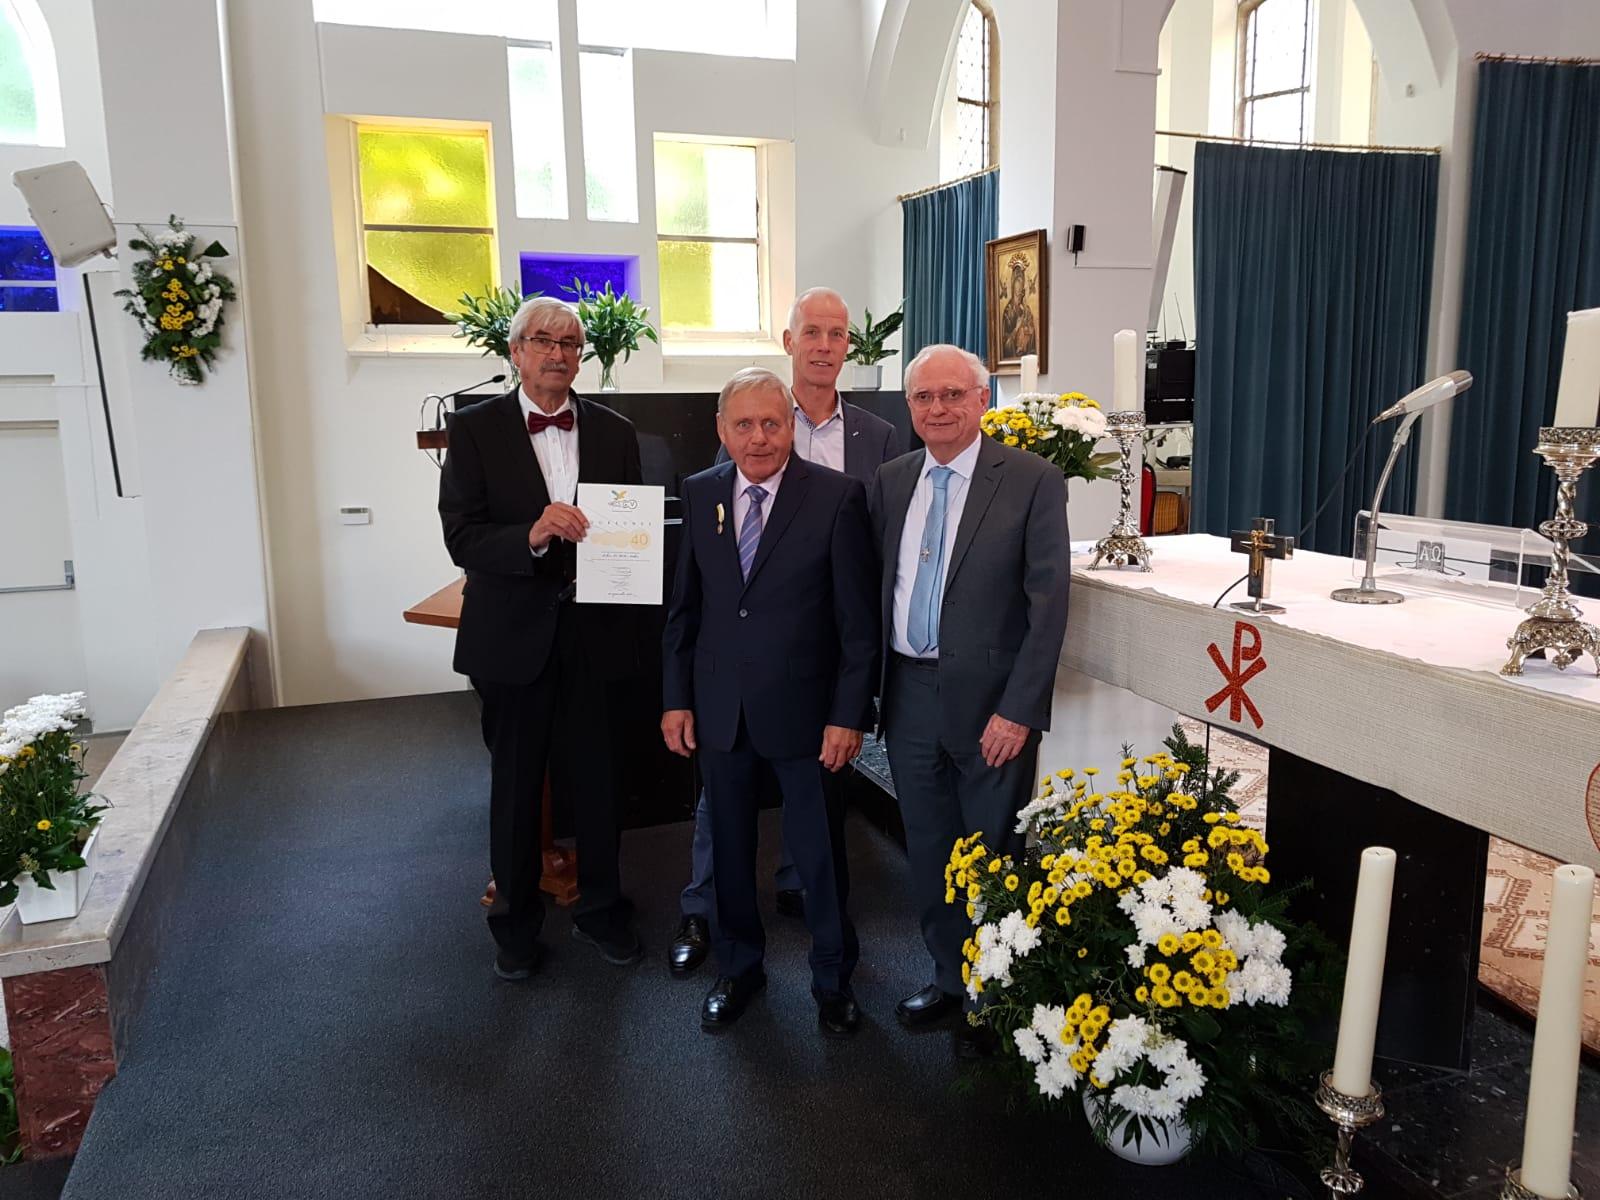 Vlnr. Hans Munster (voorzitter gemengd koor), jubilaris Luc Niekus, Johan Zwemmer (voorzitter parochierad) en jubilaris pastor Henny Slot. (aangeleverde foto)